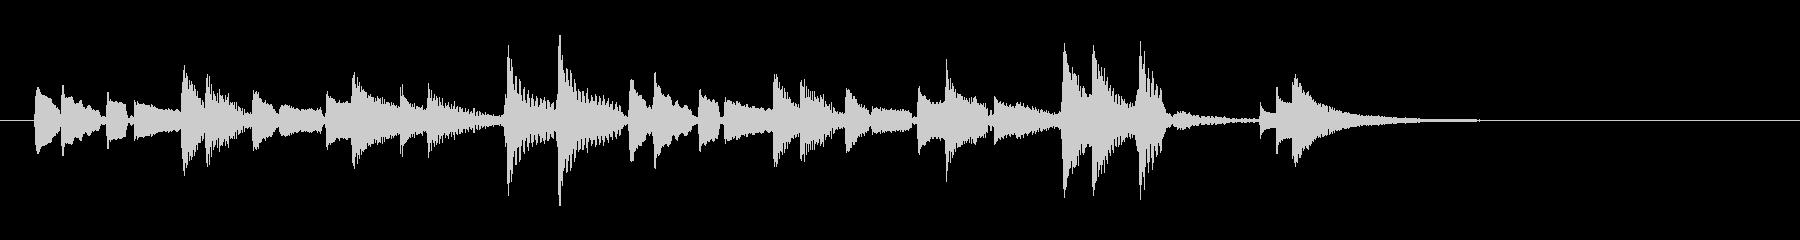 ウクレレハワイアンフレーズ3の未再生の波形